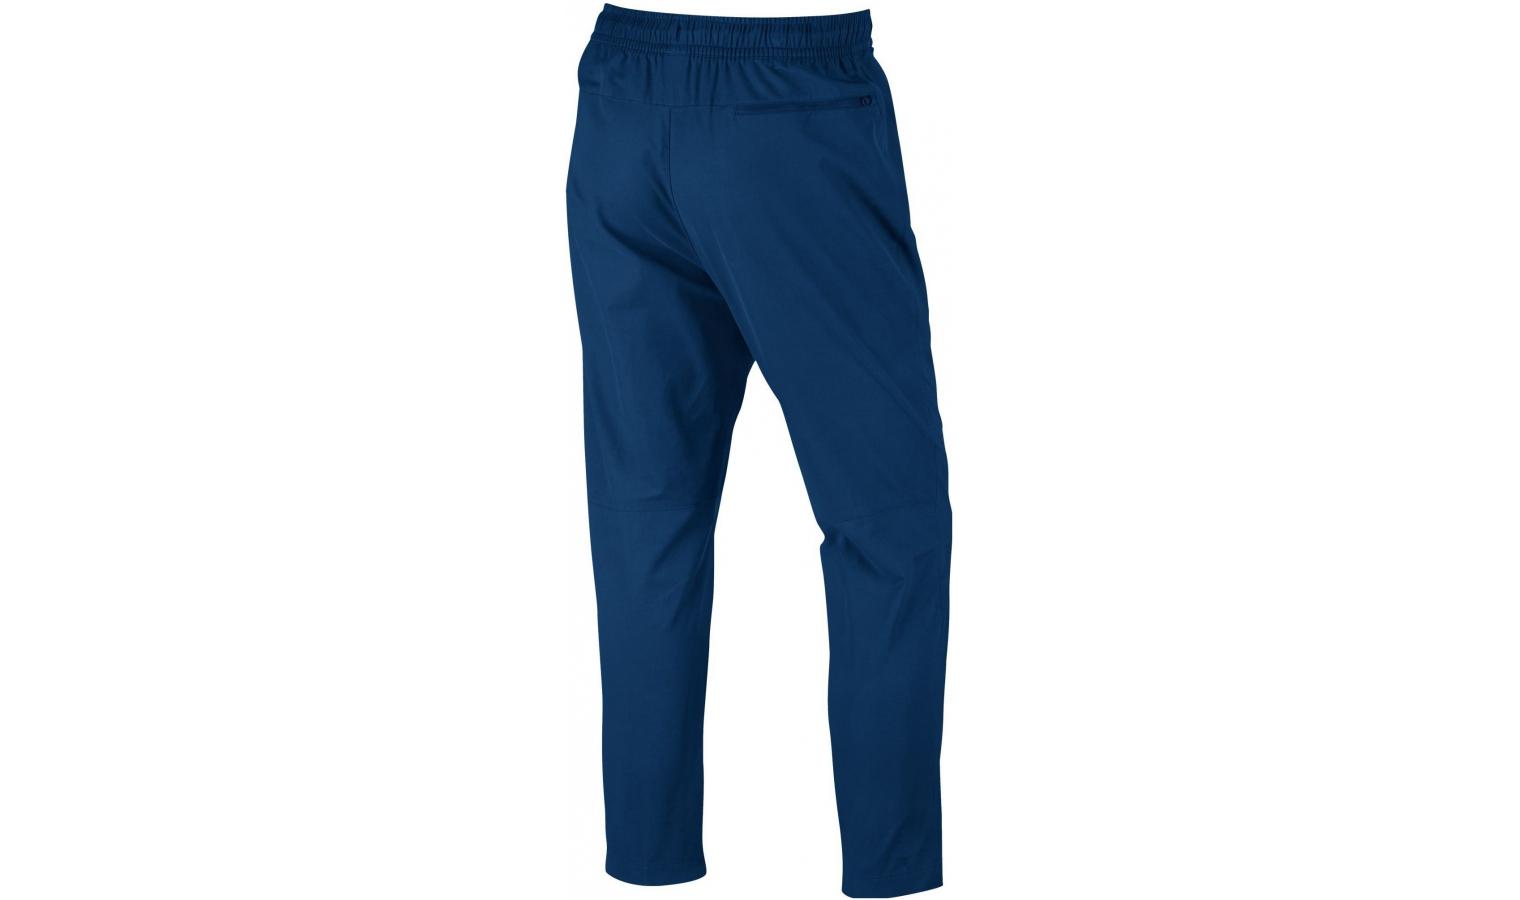 Pánské sportovní tepláky Nike SPORTSWEAR AV15 PANT WOVEN modré  13b2bcf4a9